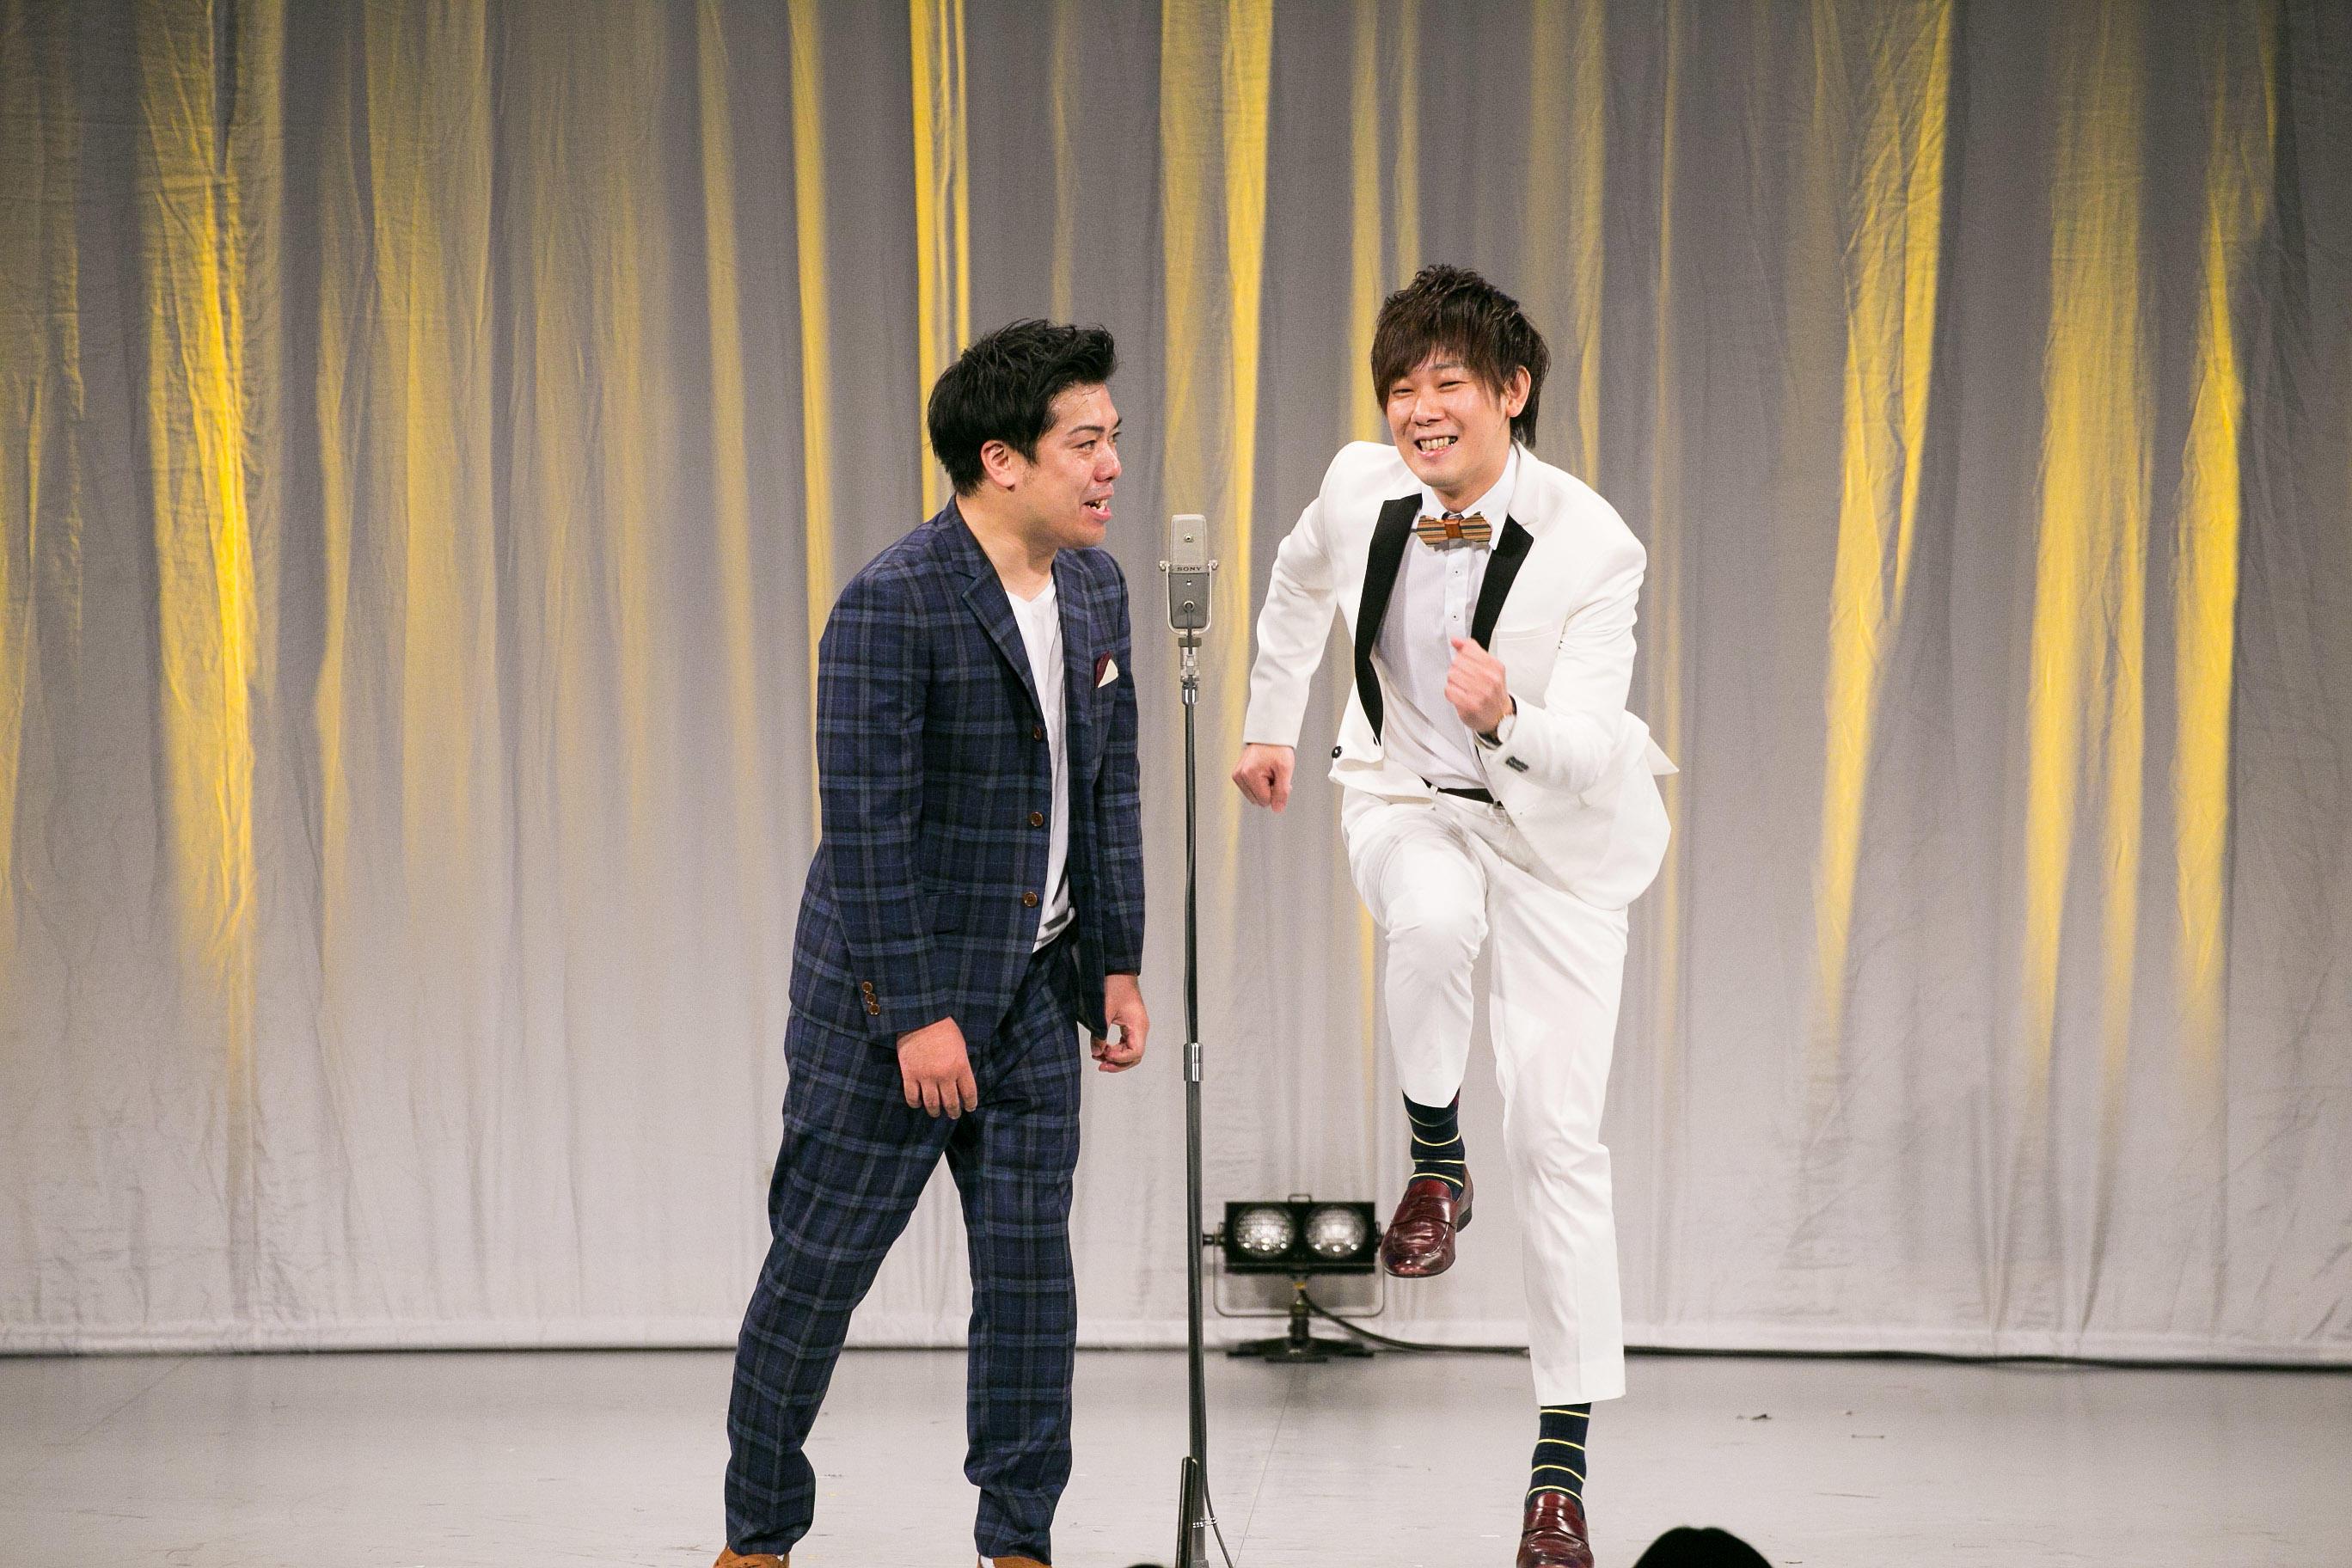 http://news.yoshimoto.co.jp/20180430213702-af4e96989808a69413f21165c7a8c485fdab8e68.jpg